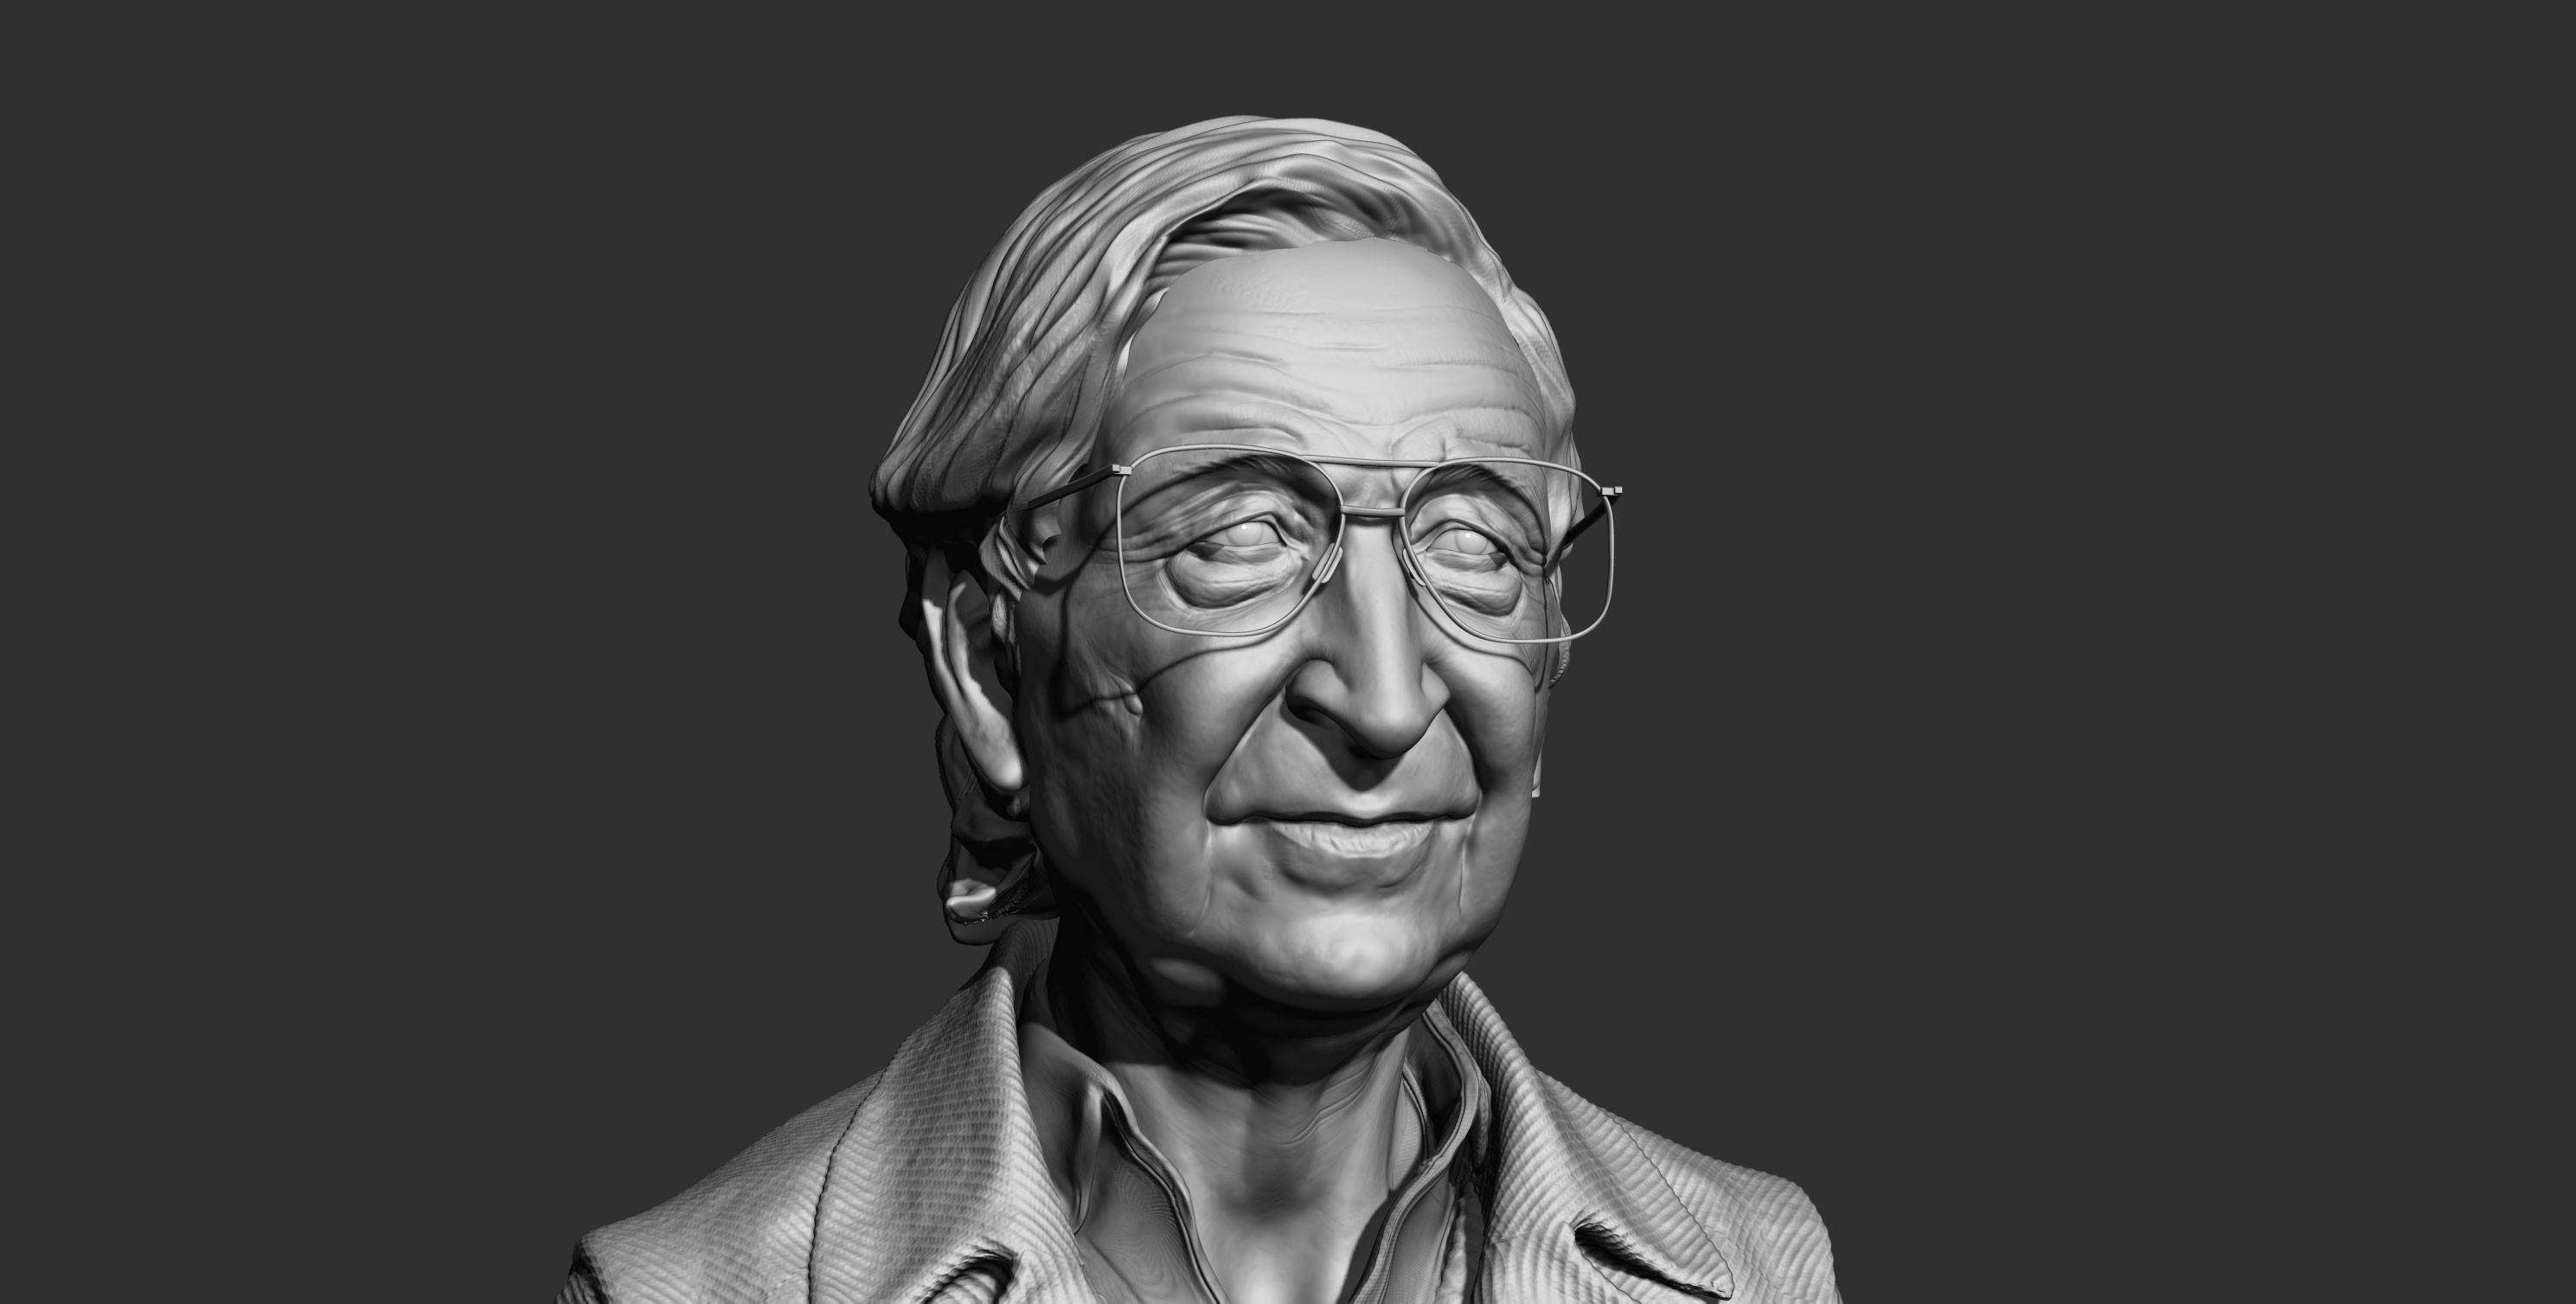 Noam Chomsky  render PBR z brush